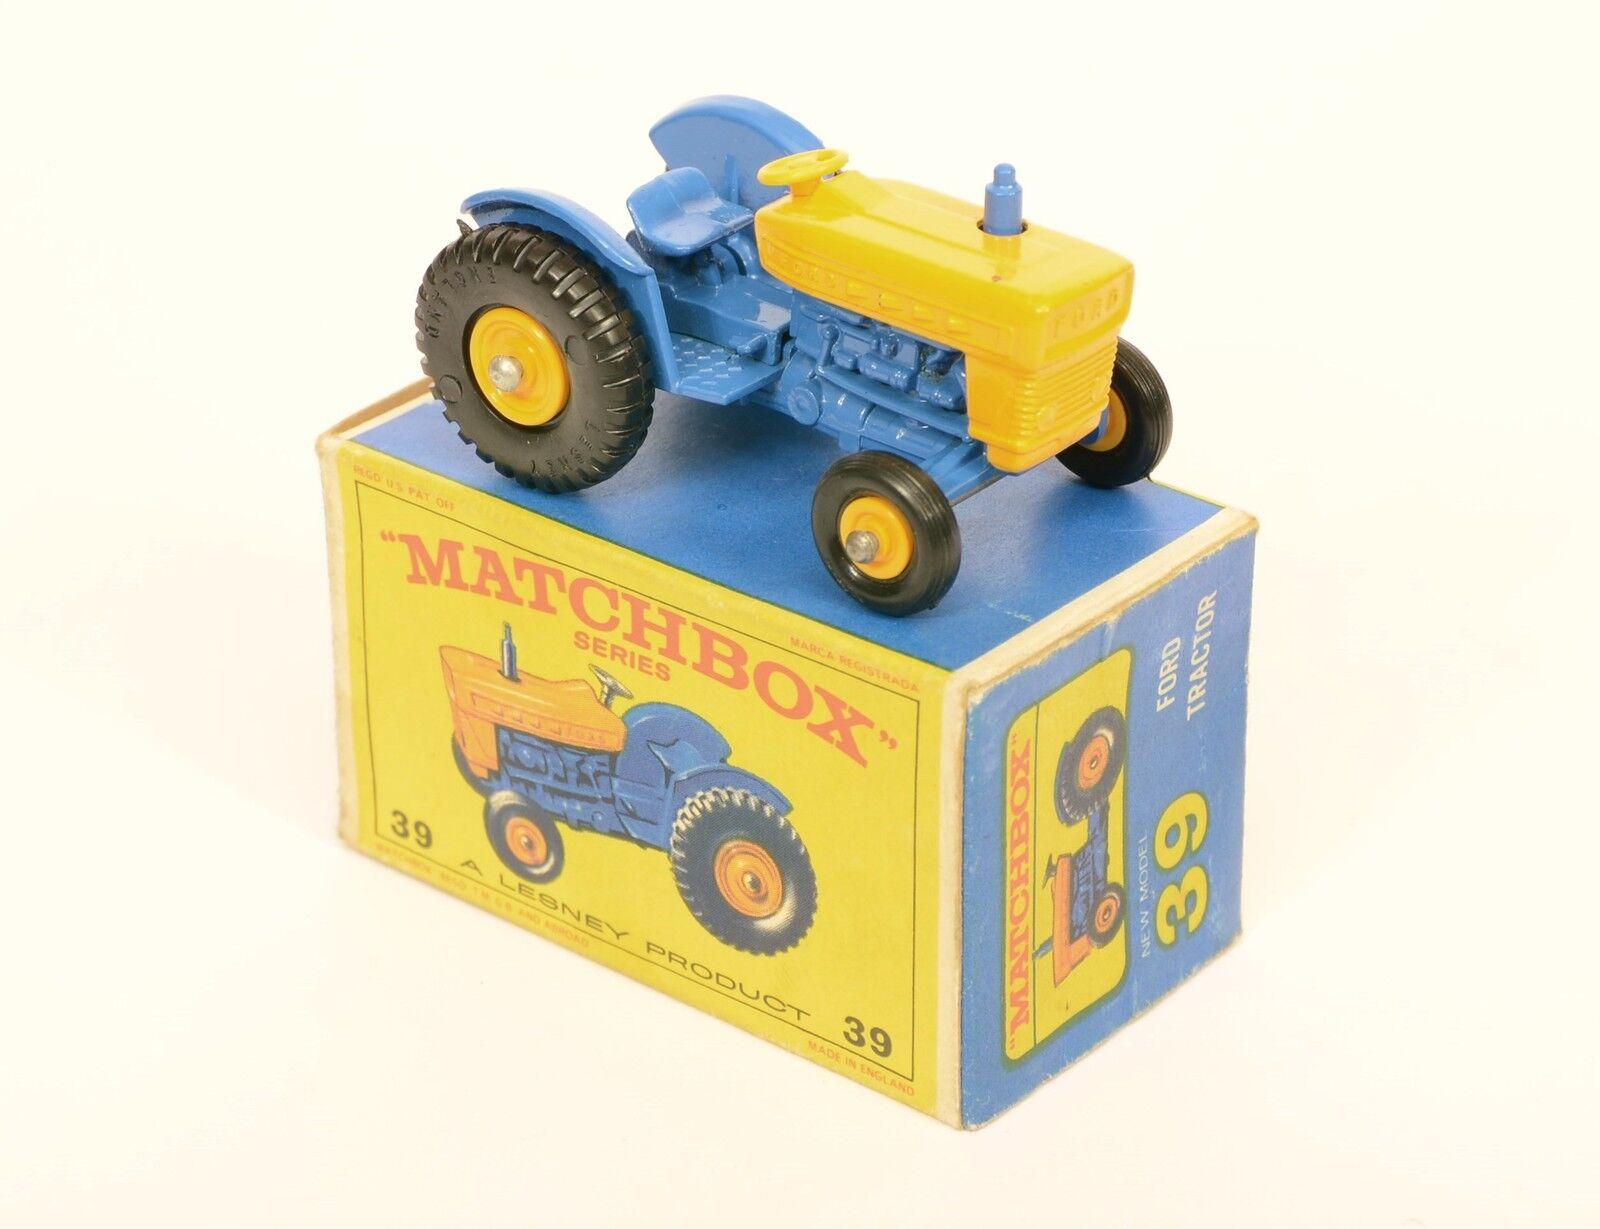 Matchbox 39 c ford traktor  gelb lenkrad  selten wirklich ausgezeichnete boxen